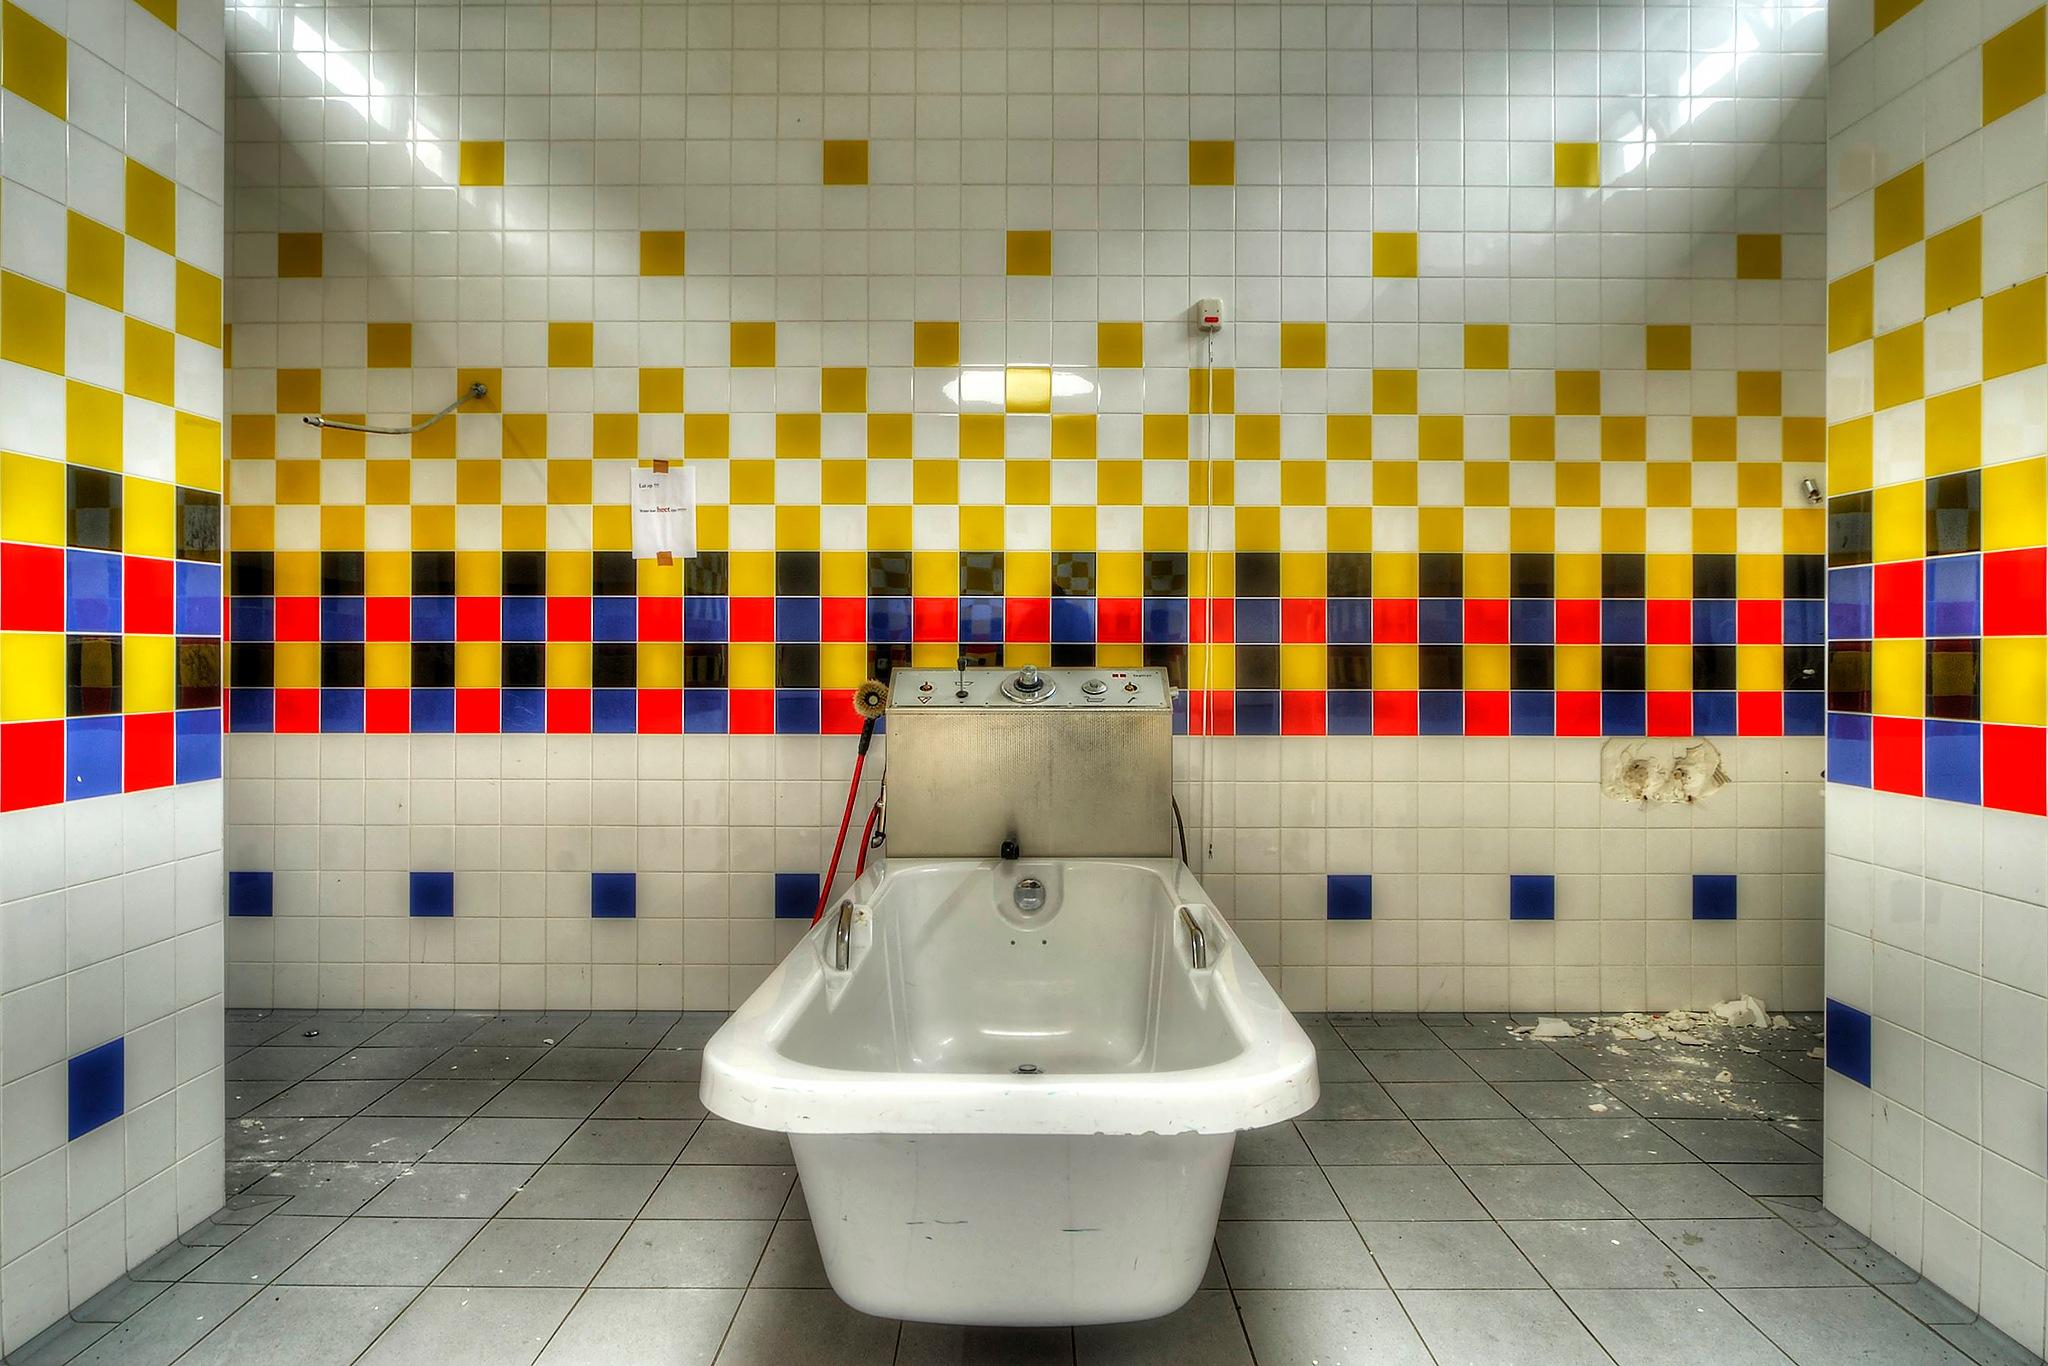 you're bath is ready! by GJ Besselink